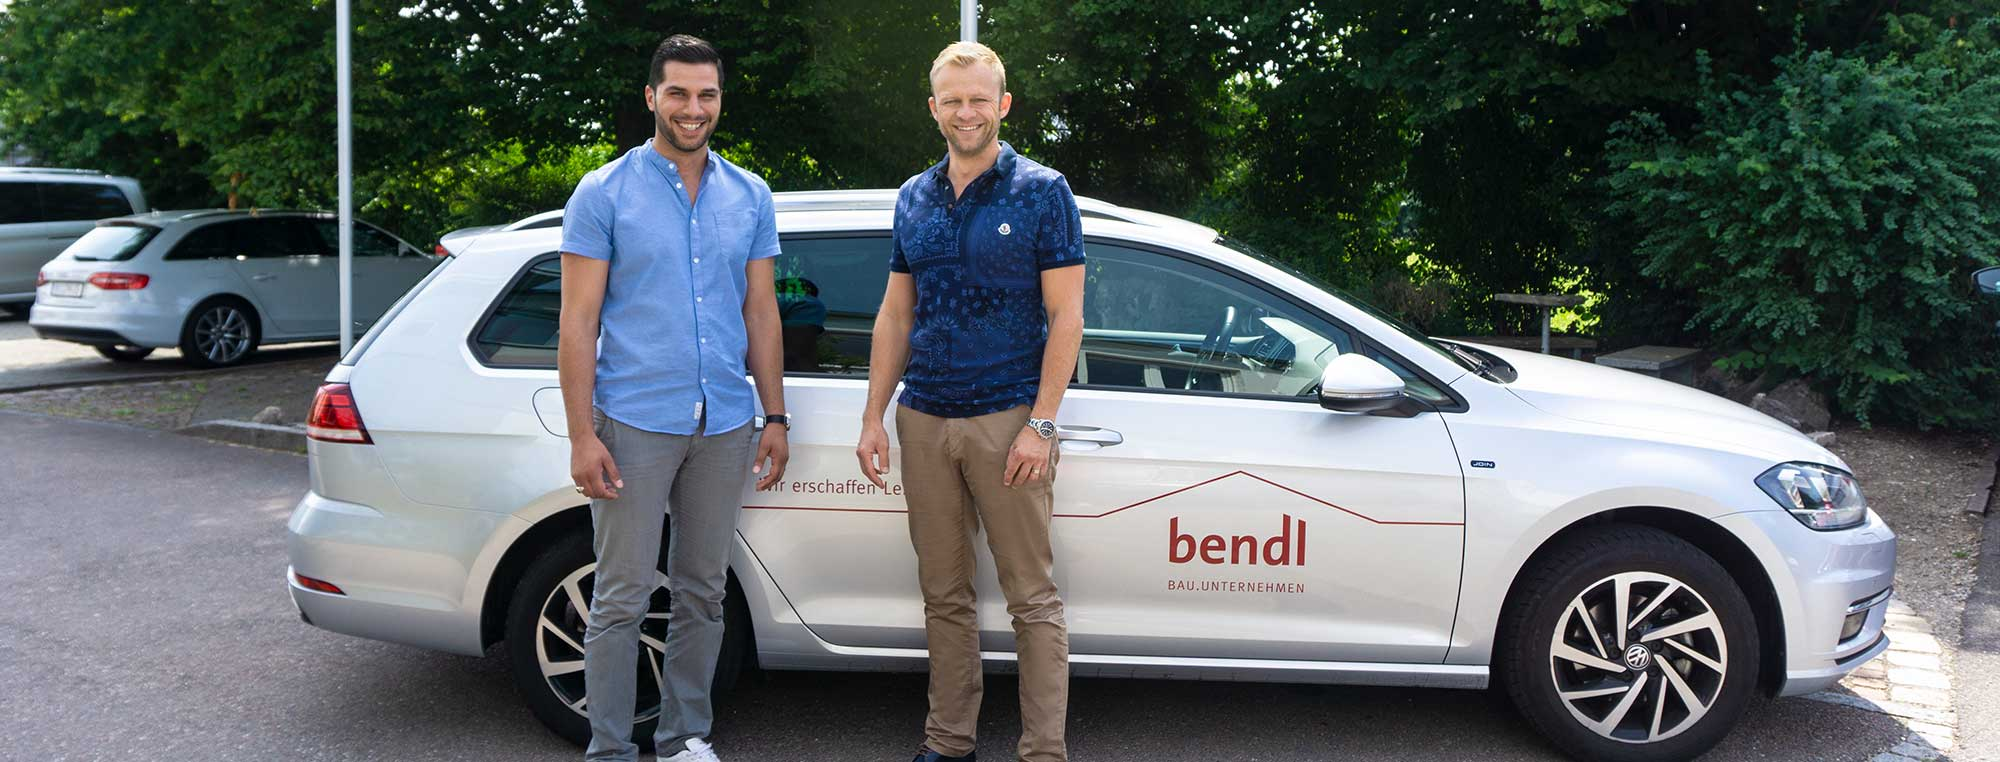 Bauleiter Hakan Yesilay vom bendl Schlüsselfertig freut sich über sein neues Auto